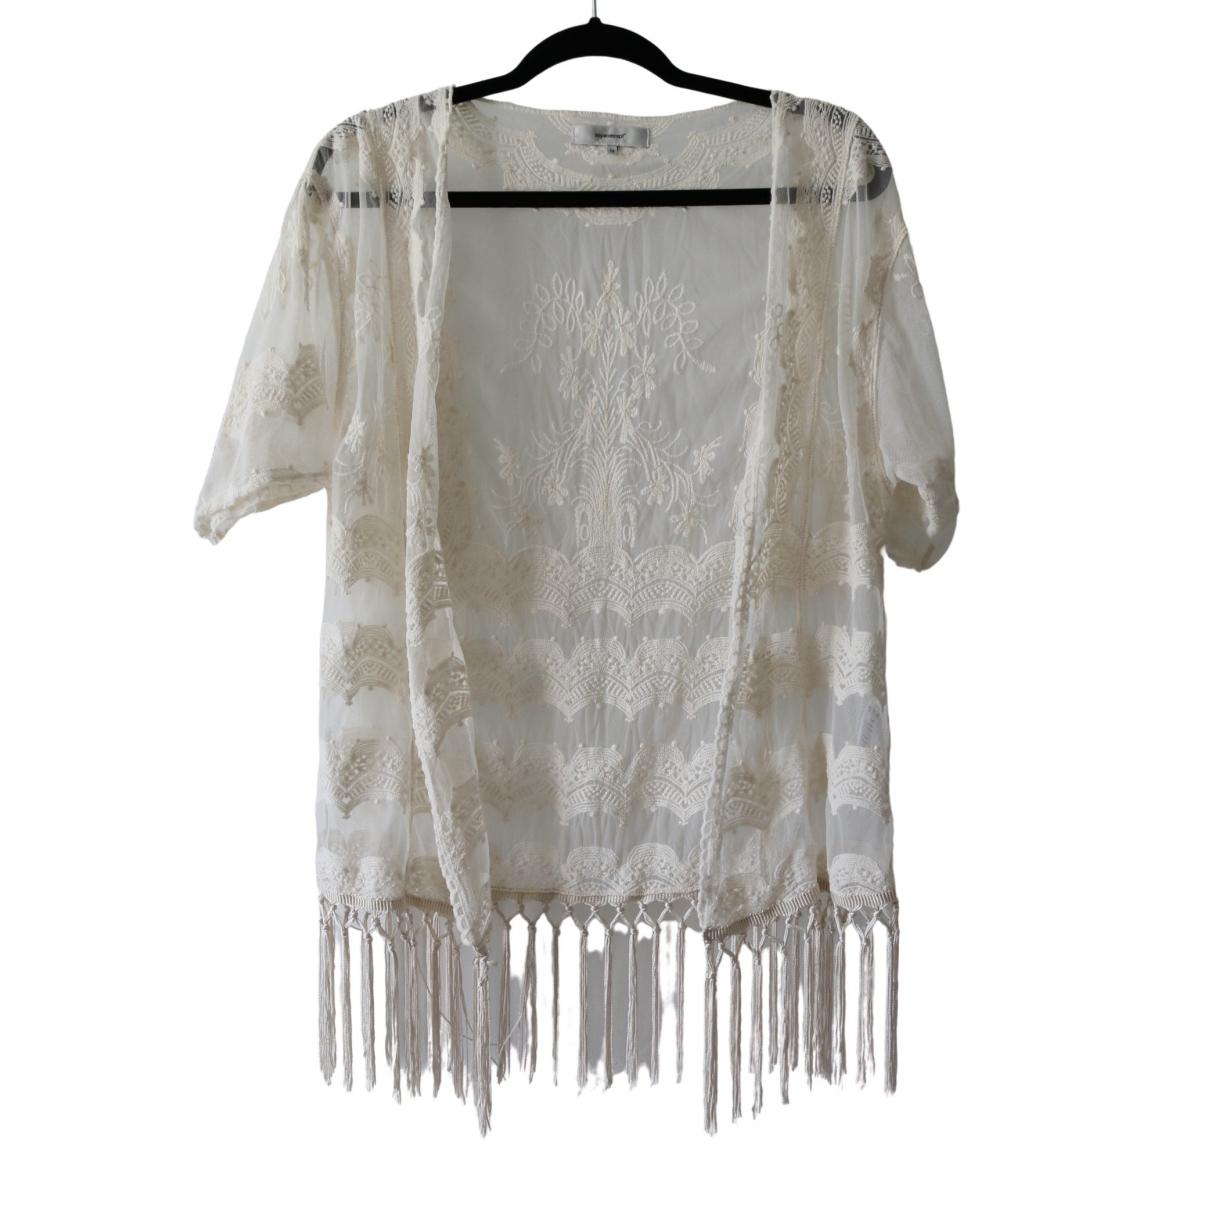 Camiseta Hippie Chic de Encaje Non Signe / Unsigned